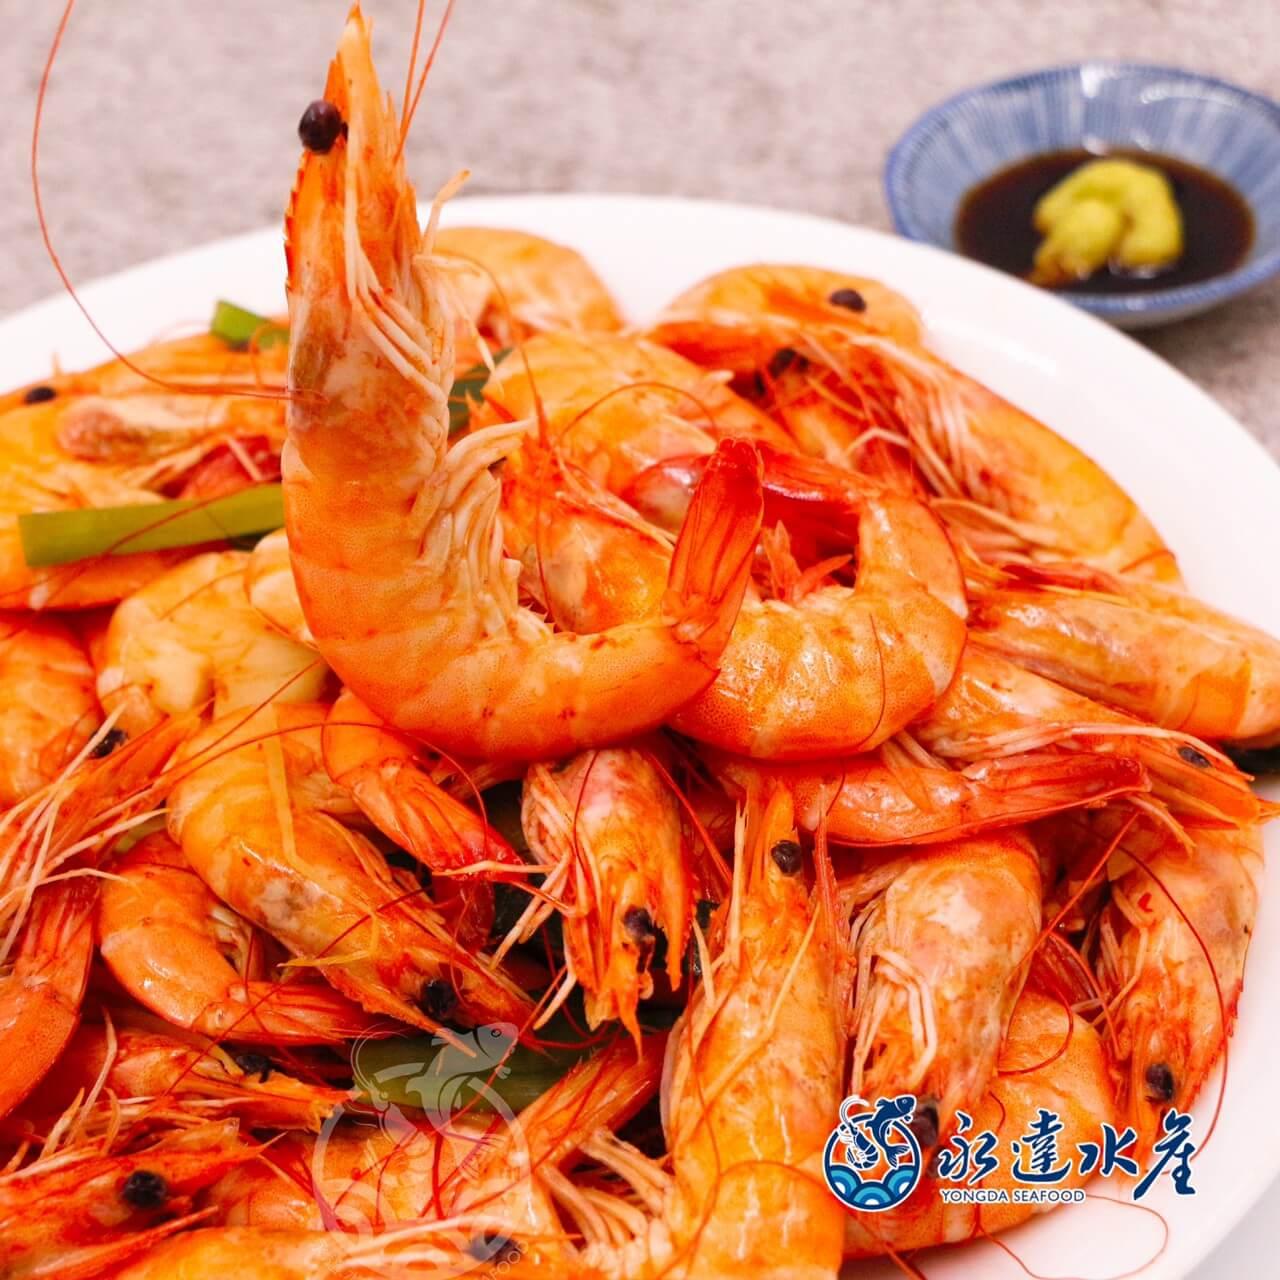 水產|海鮮|南美白蝦|白蝦|白對蝦|白腳蝦|蝦肉|蝦